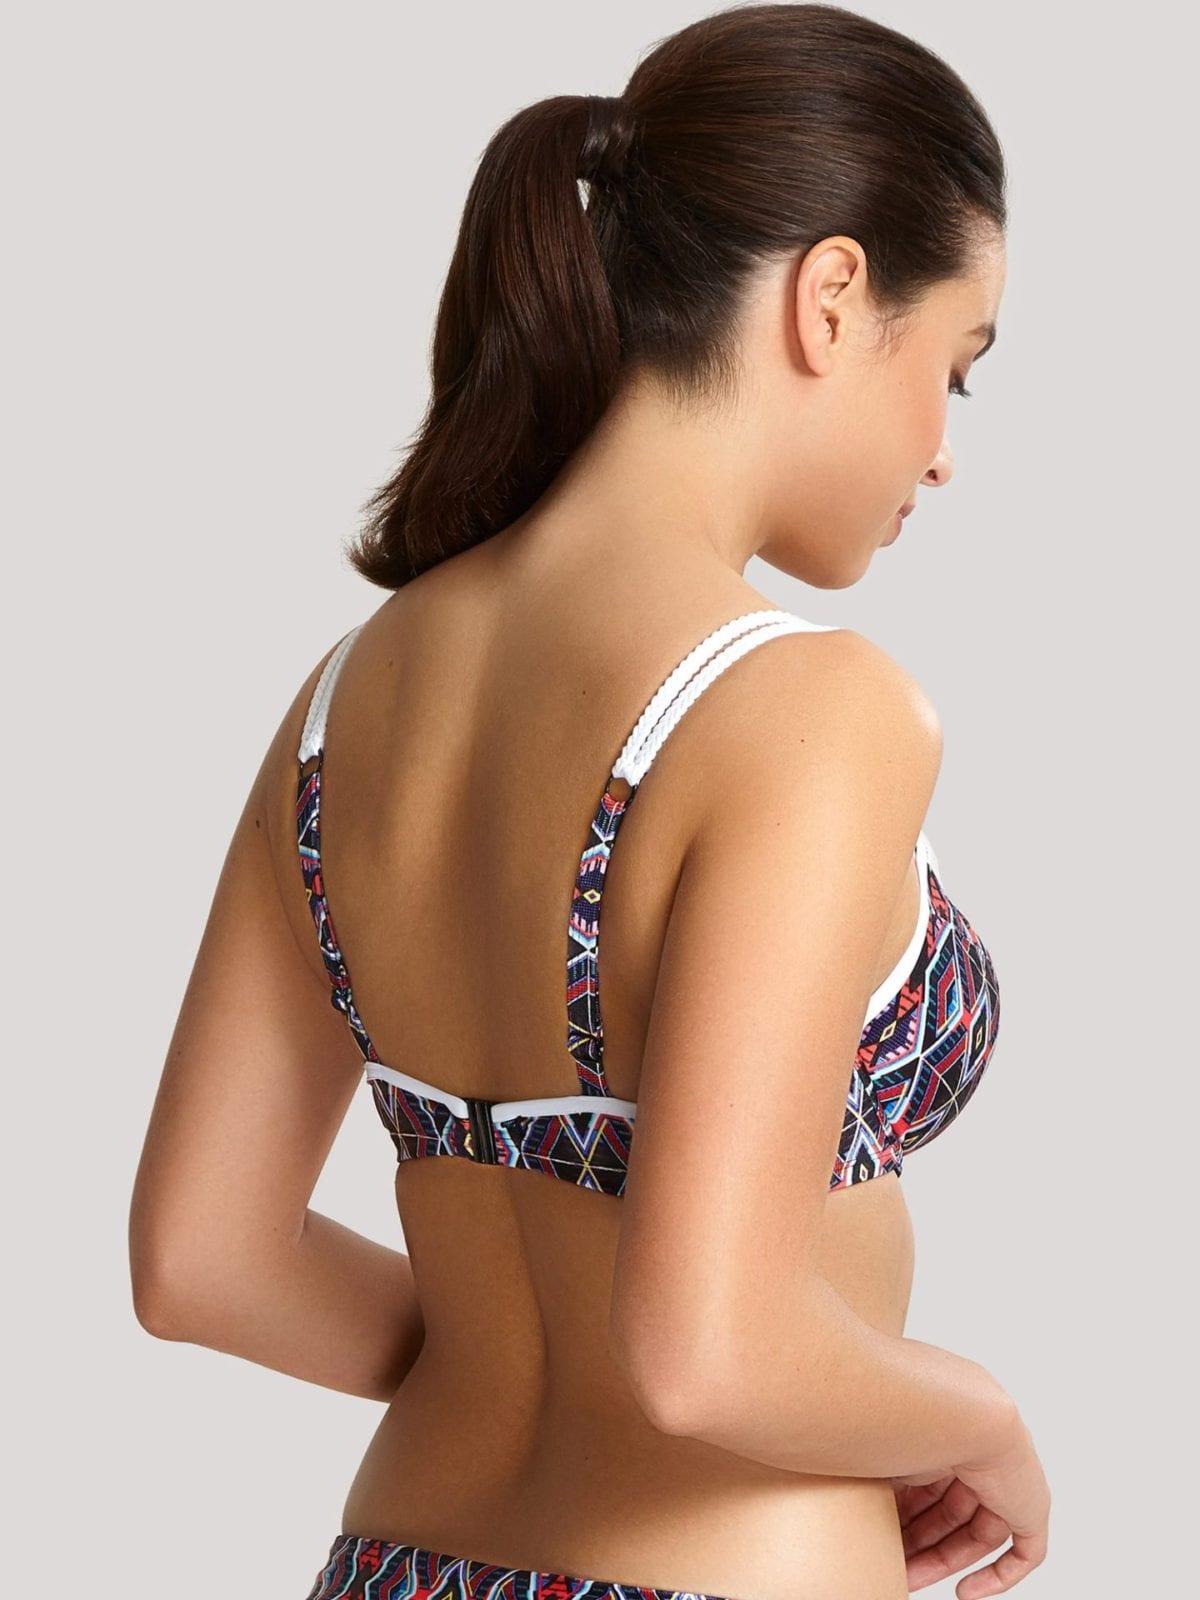 Купальники SW0870_876_4 Elle Balconnet Bikini Tribal Print T F 4-min